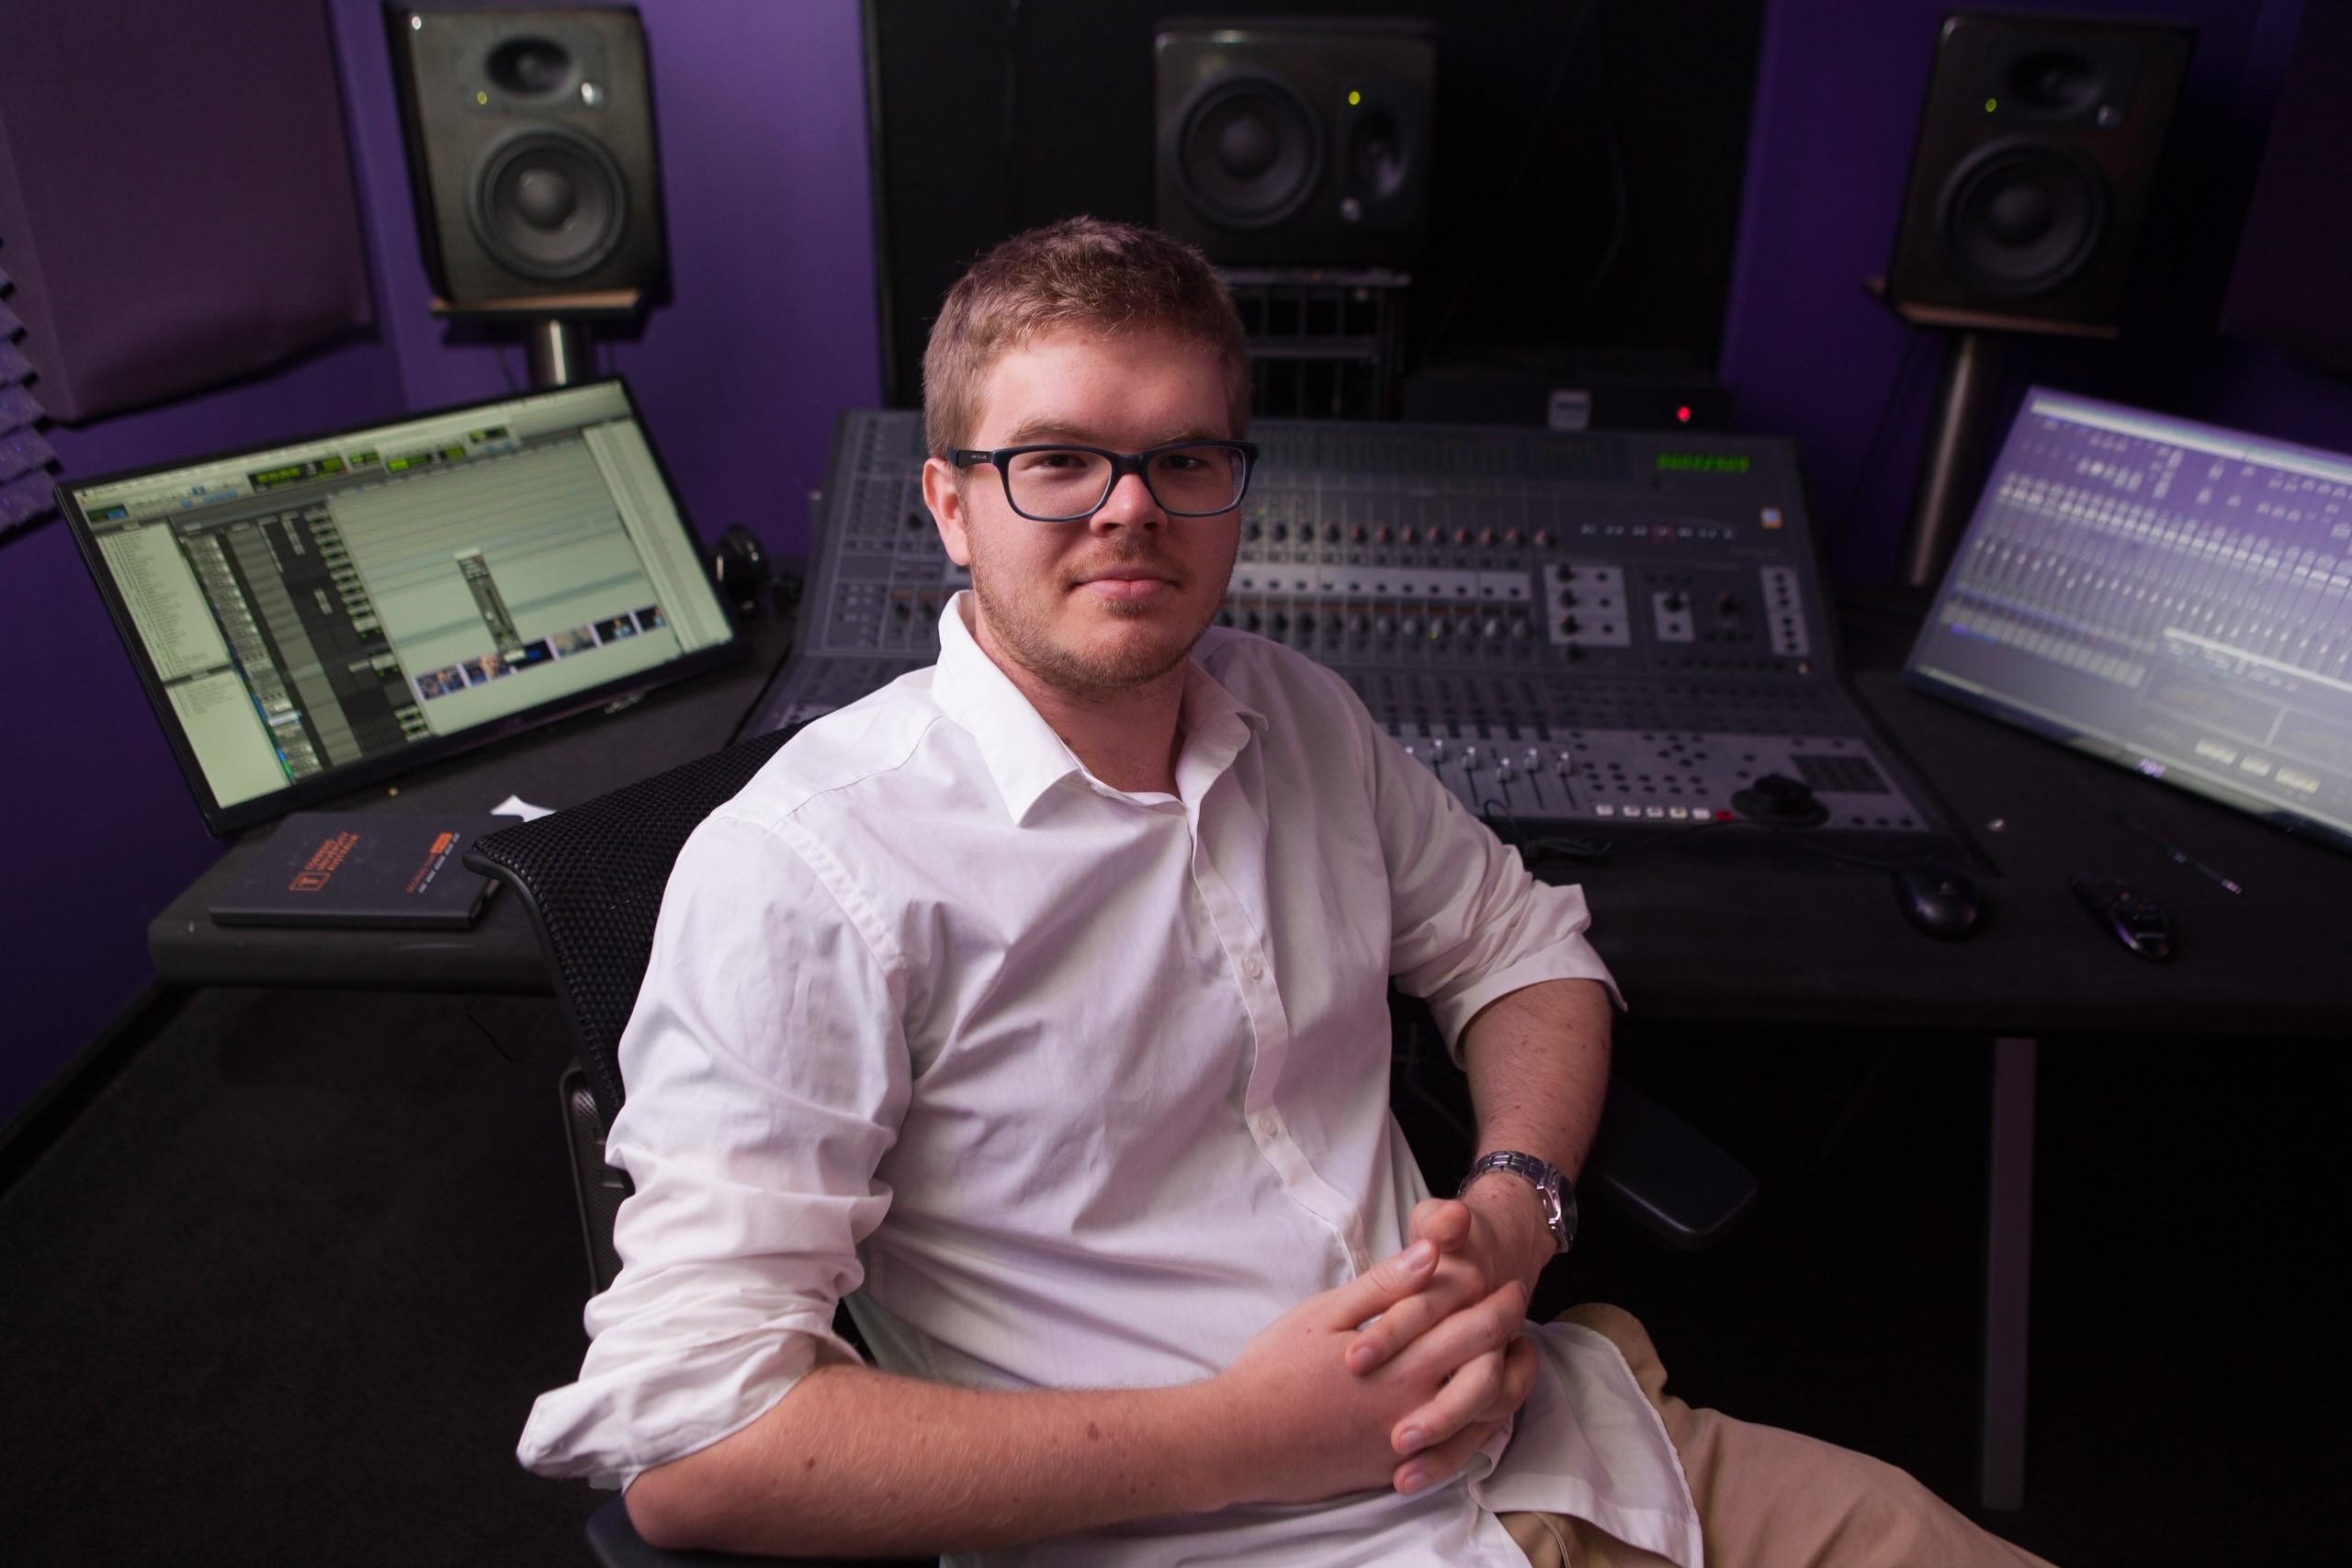 Sitting in front of studio (best)